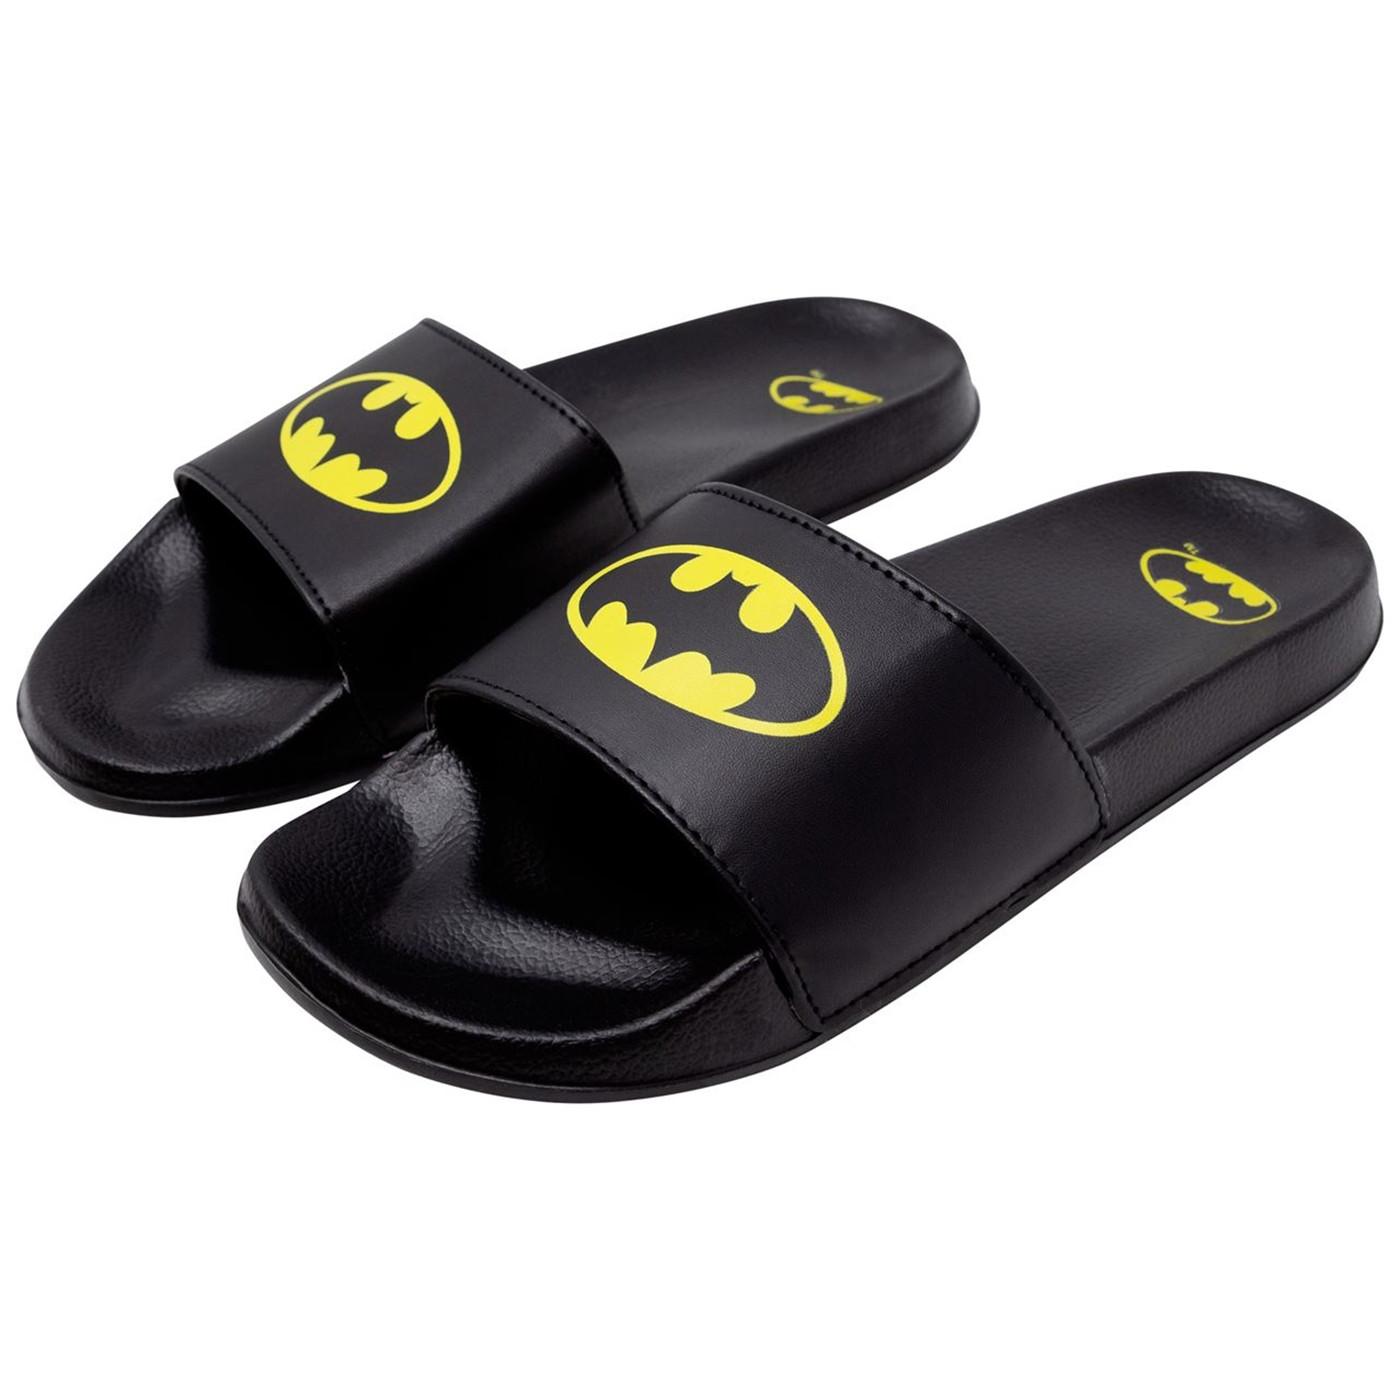 Batman Symbols Slippers